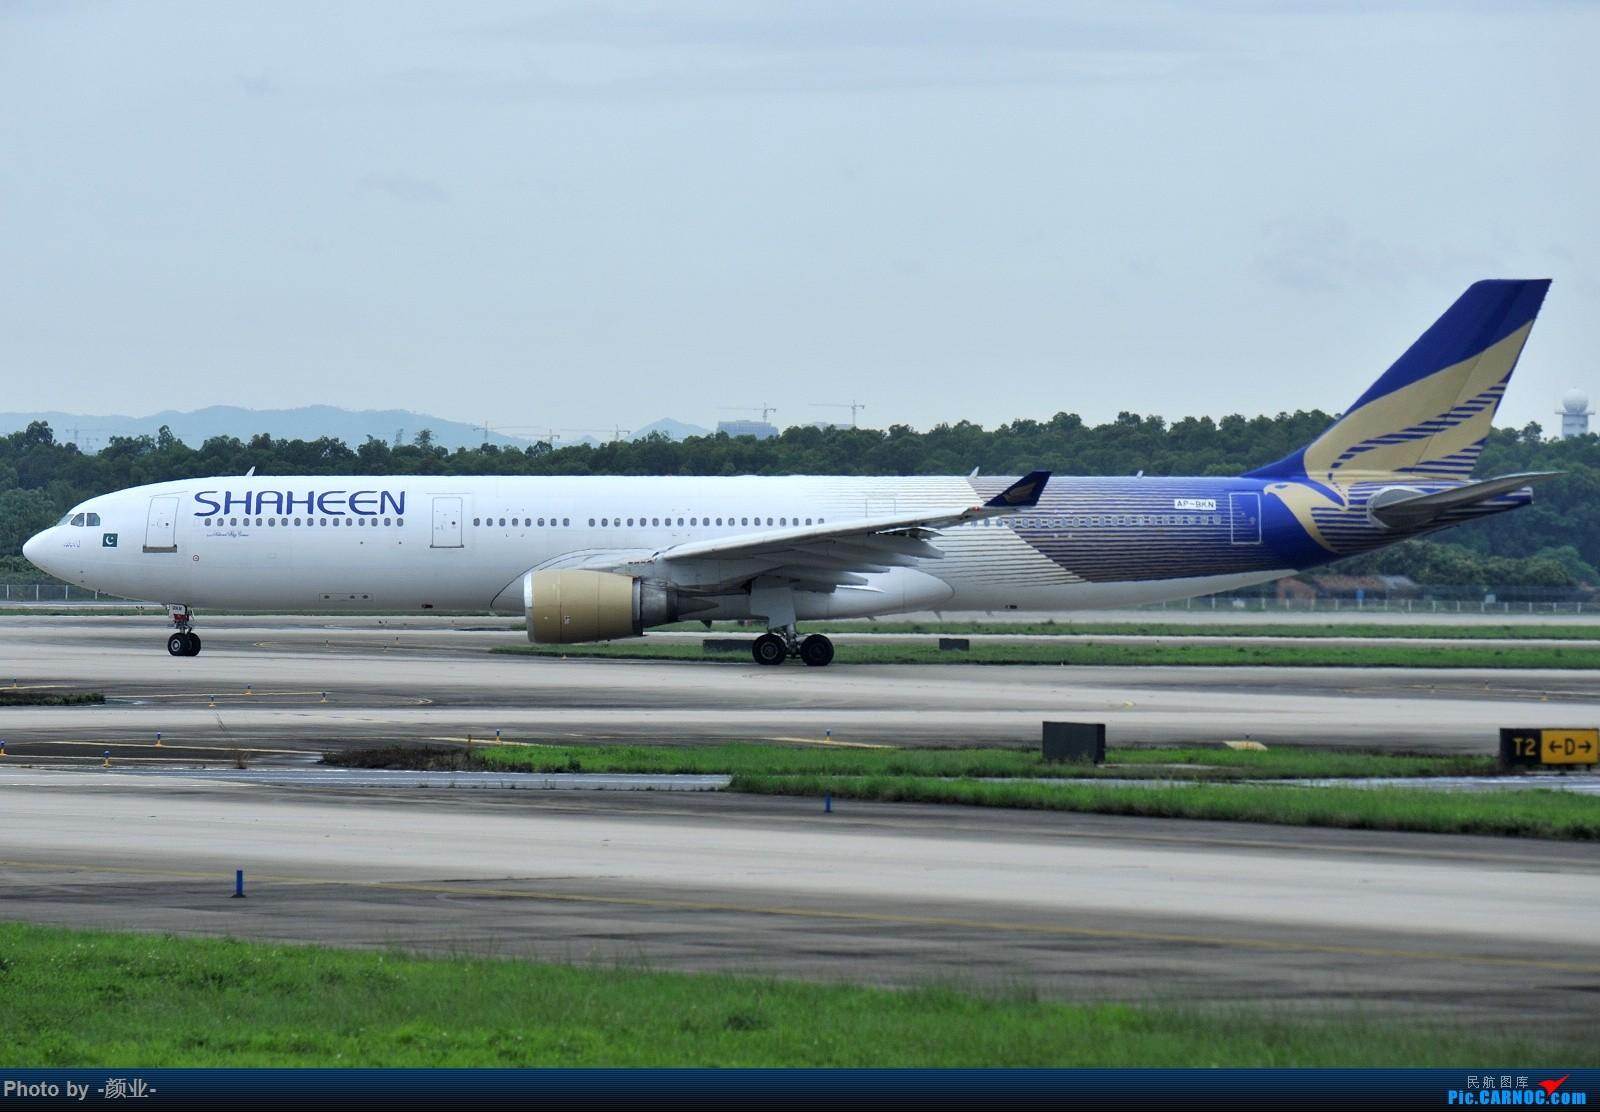 Re:[原创]2011-2016我的打灰机心情[广州] AIRBUS A330-300 SHAHEEN 中国广州白云国际机场